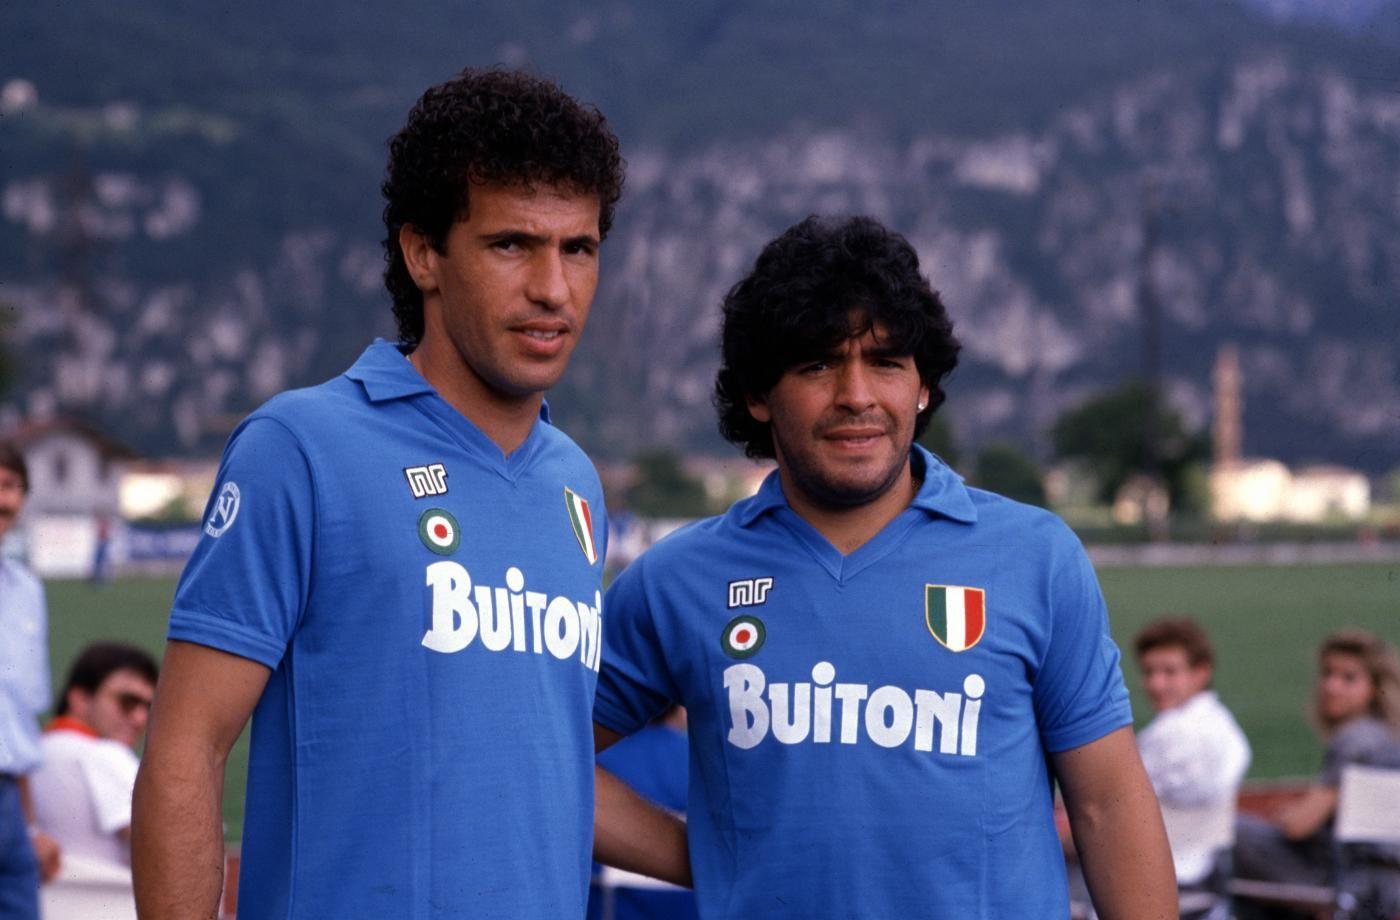 Diego y Careca